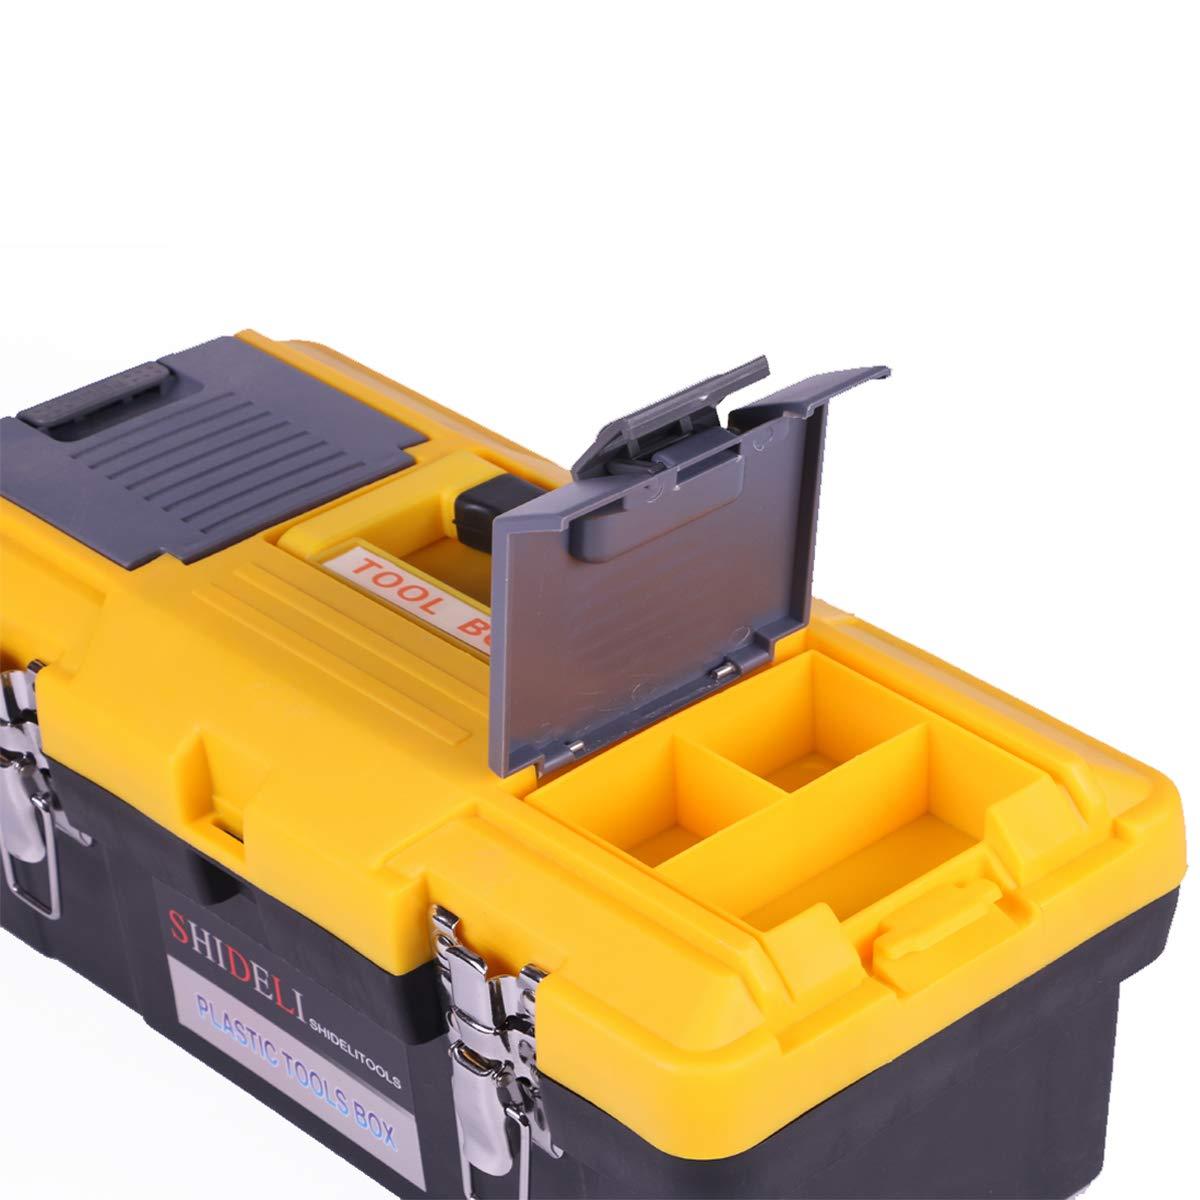 Seababyhouse 1600W plástico pistola de soldadura de aire caliente completa herramienta conjunto de mano antorcha soldadora pistola con piso mariposa ...